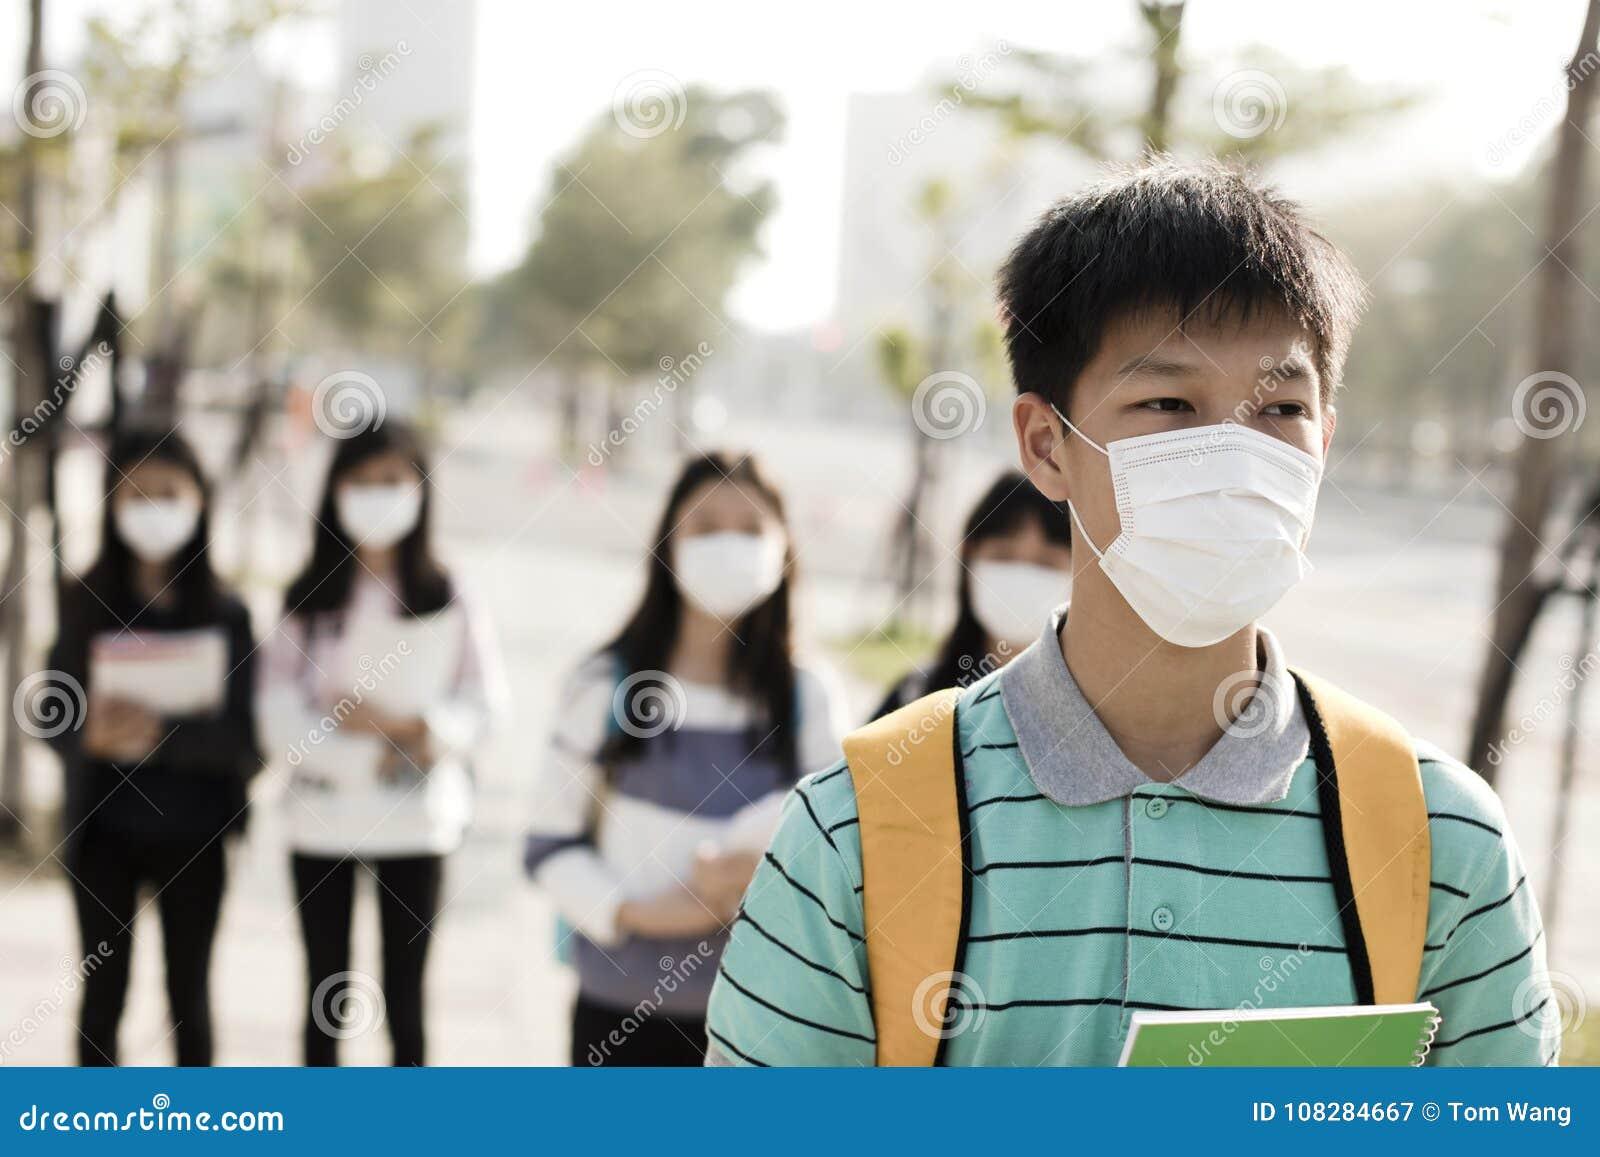 Student die mondmasker dragen tegen smog in stad